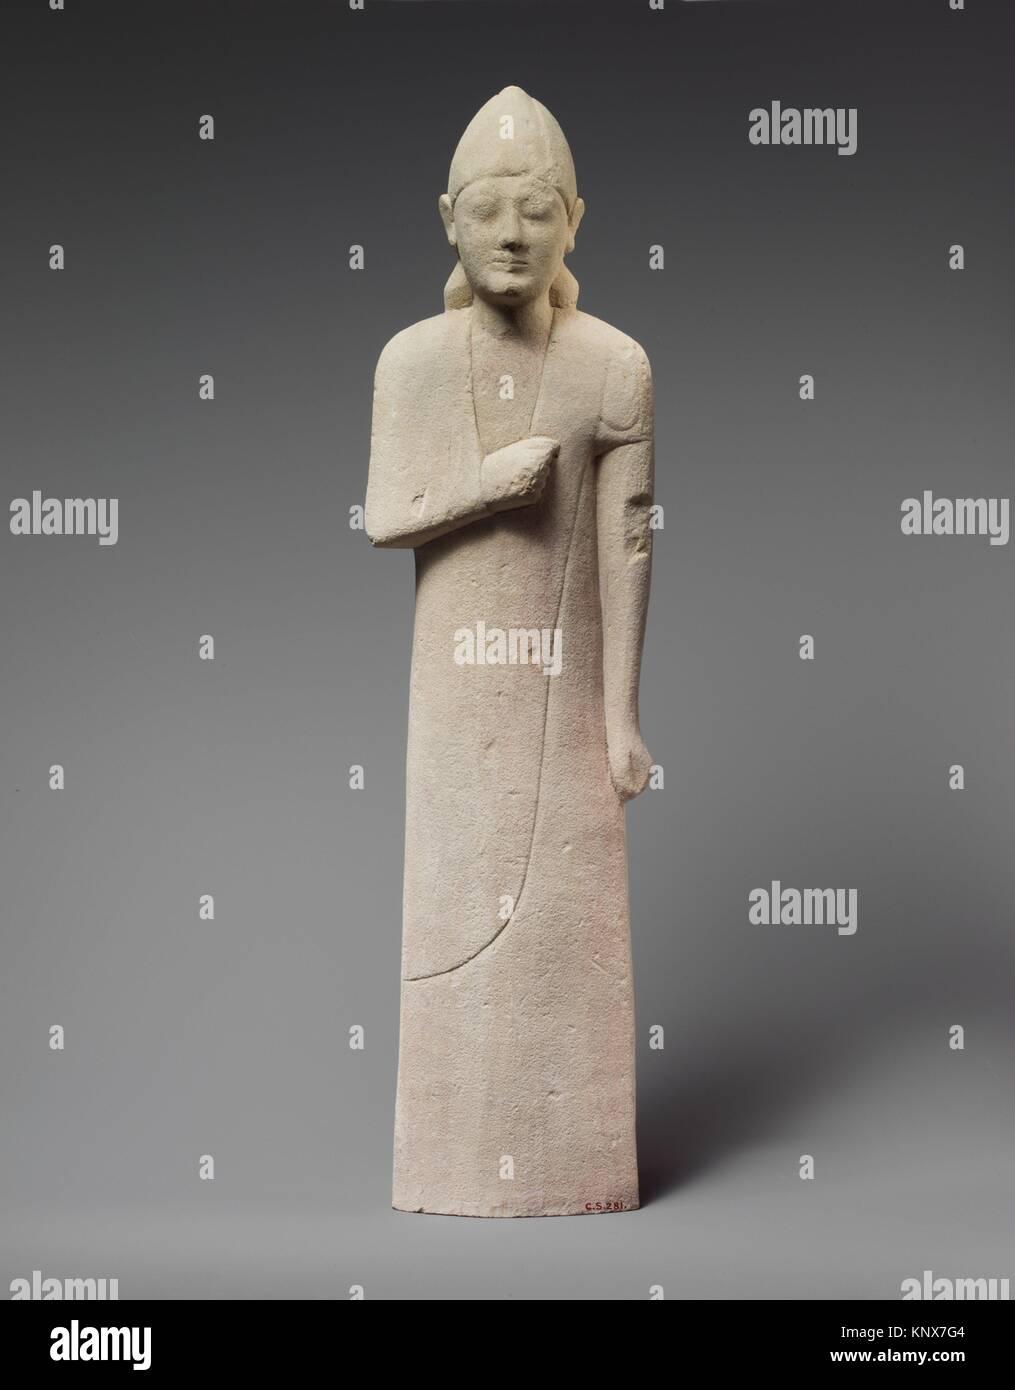 Estatuilla de piedra caliza de un lampiño macho cónico votary con un casco. Período: Archiac; Fecha: Imagen De Stock